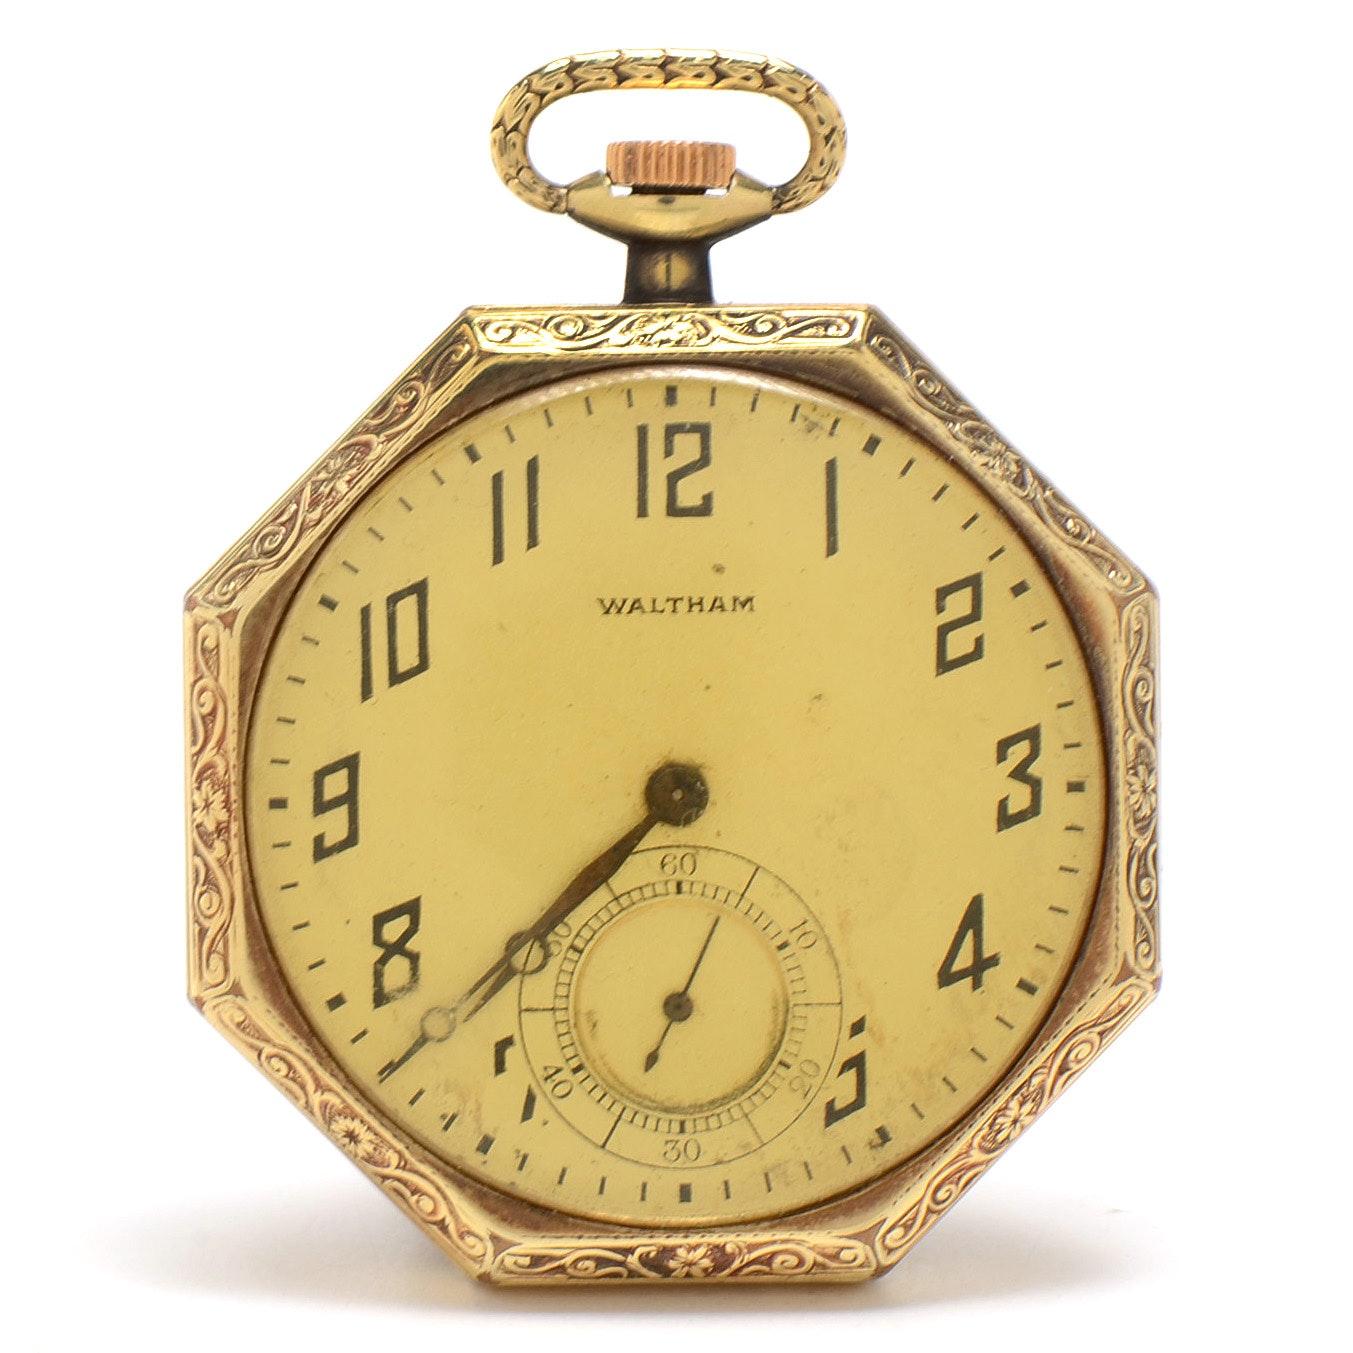 1919 Gold Filled Open Faced Waltham Hexagonal Pocket Watch